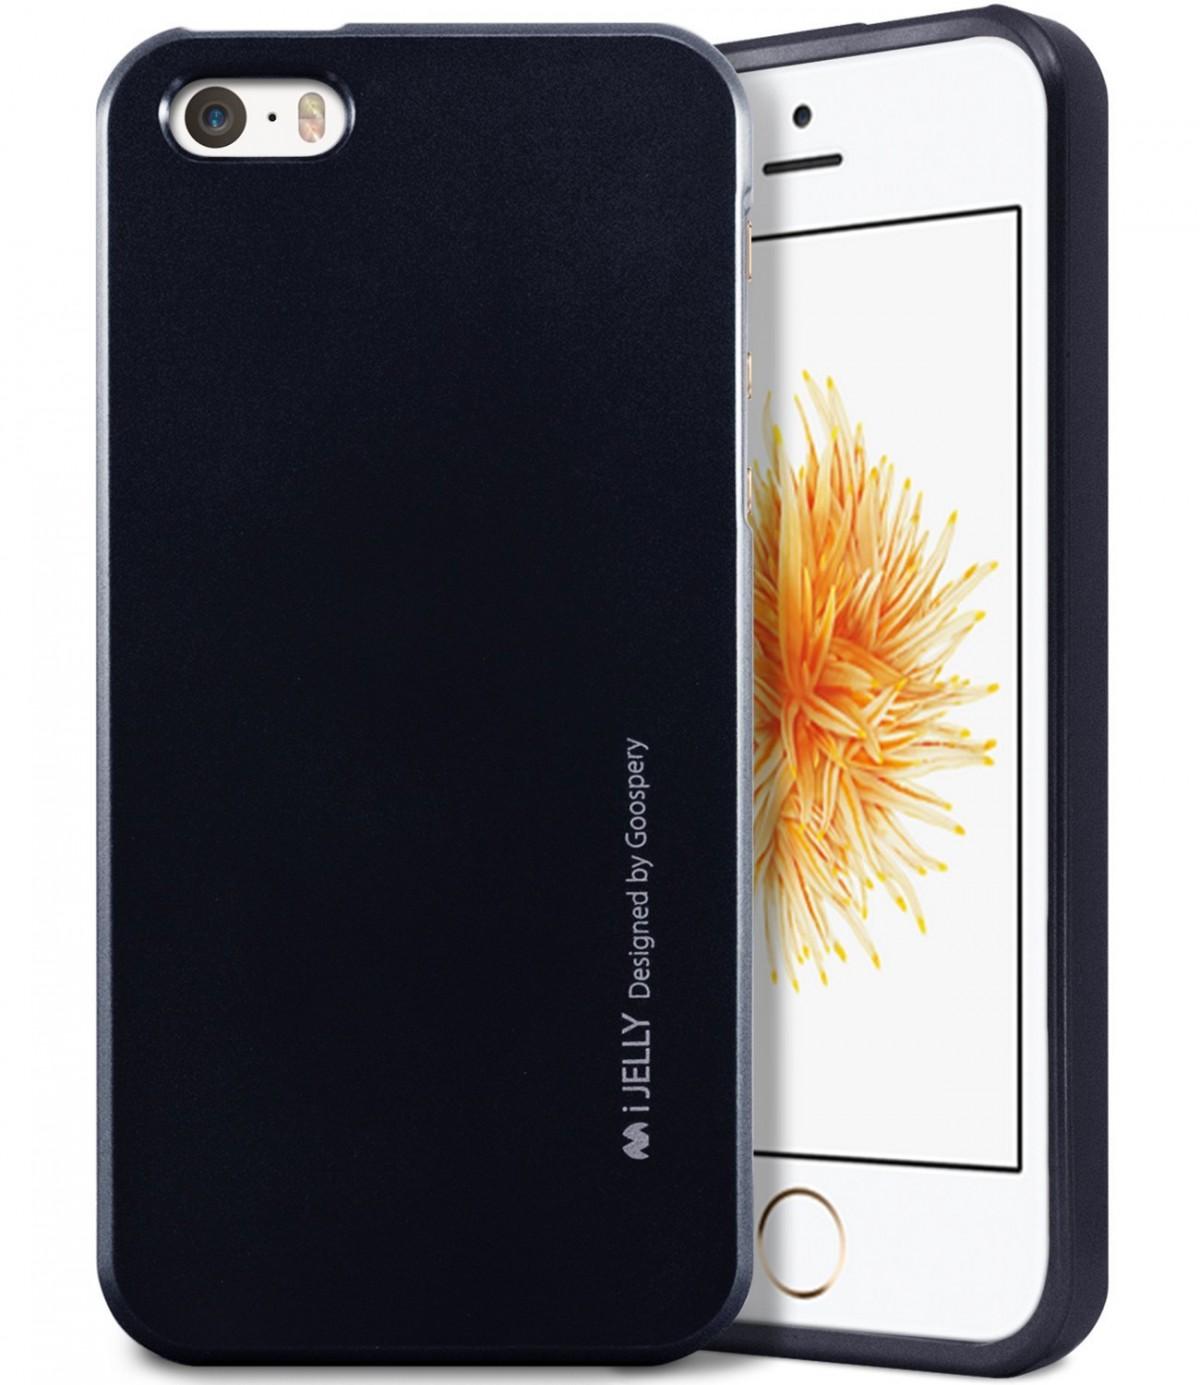 Silikonový obal / kryt iJelly od Goospery Mercury pro Apple iPhone SE / 5s / 5 - Metalicky černý